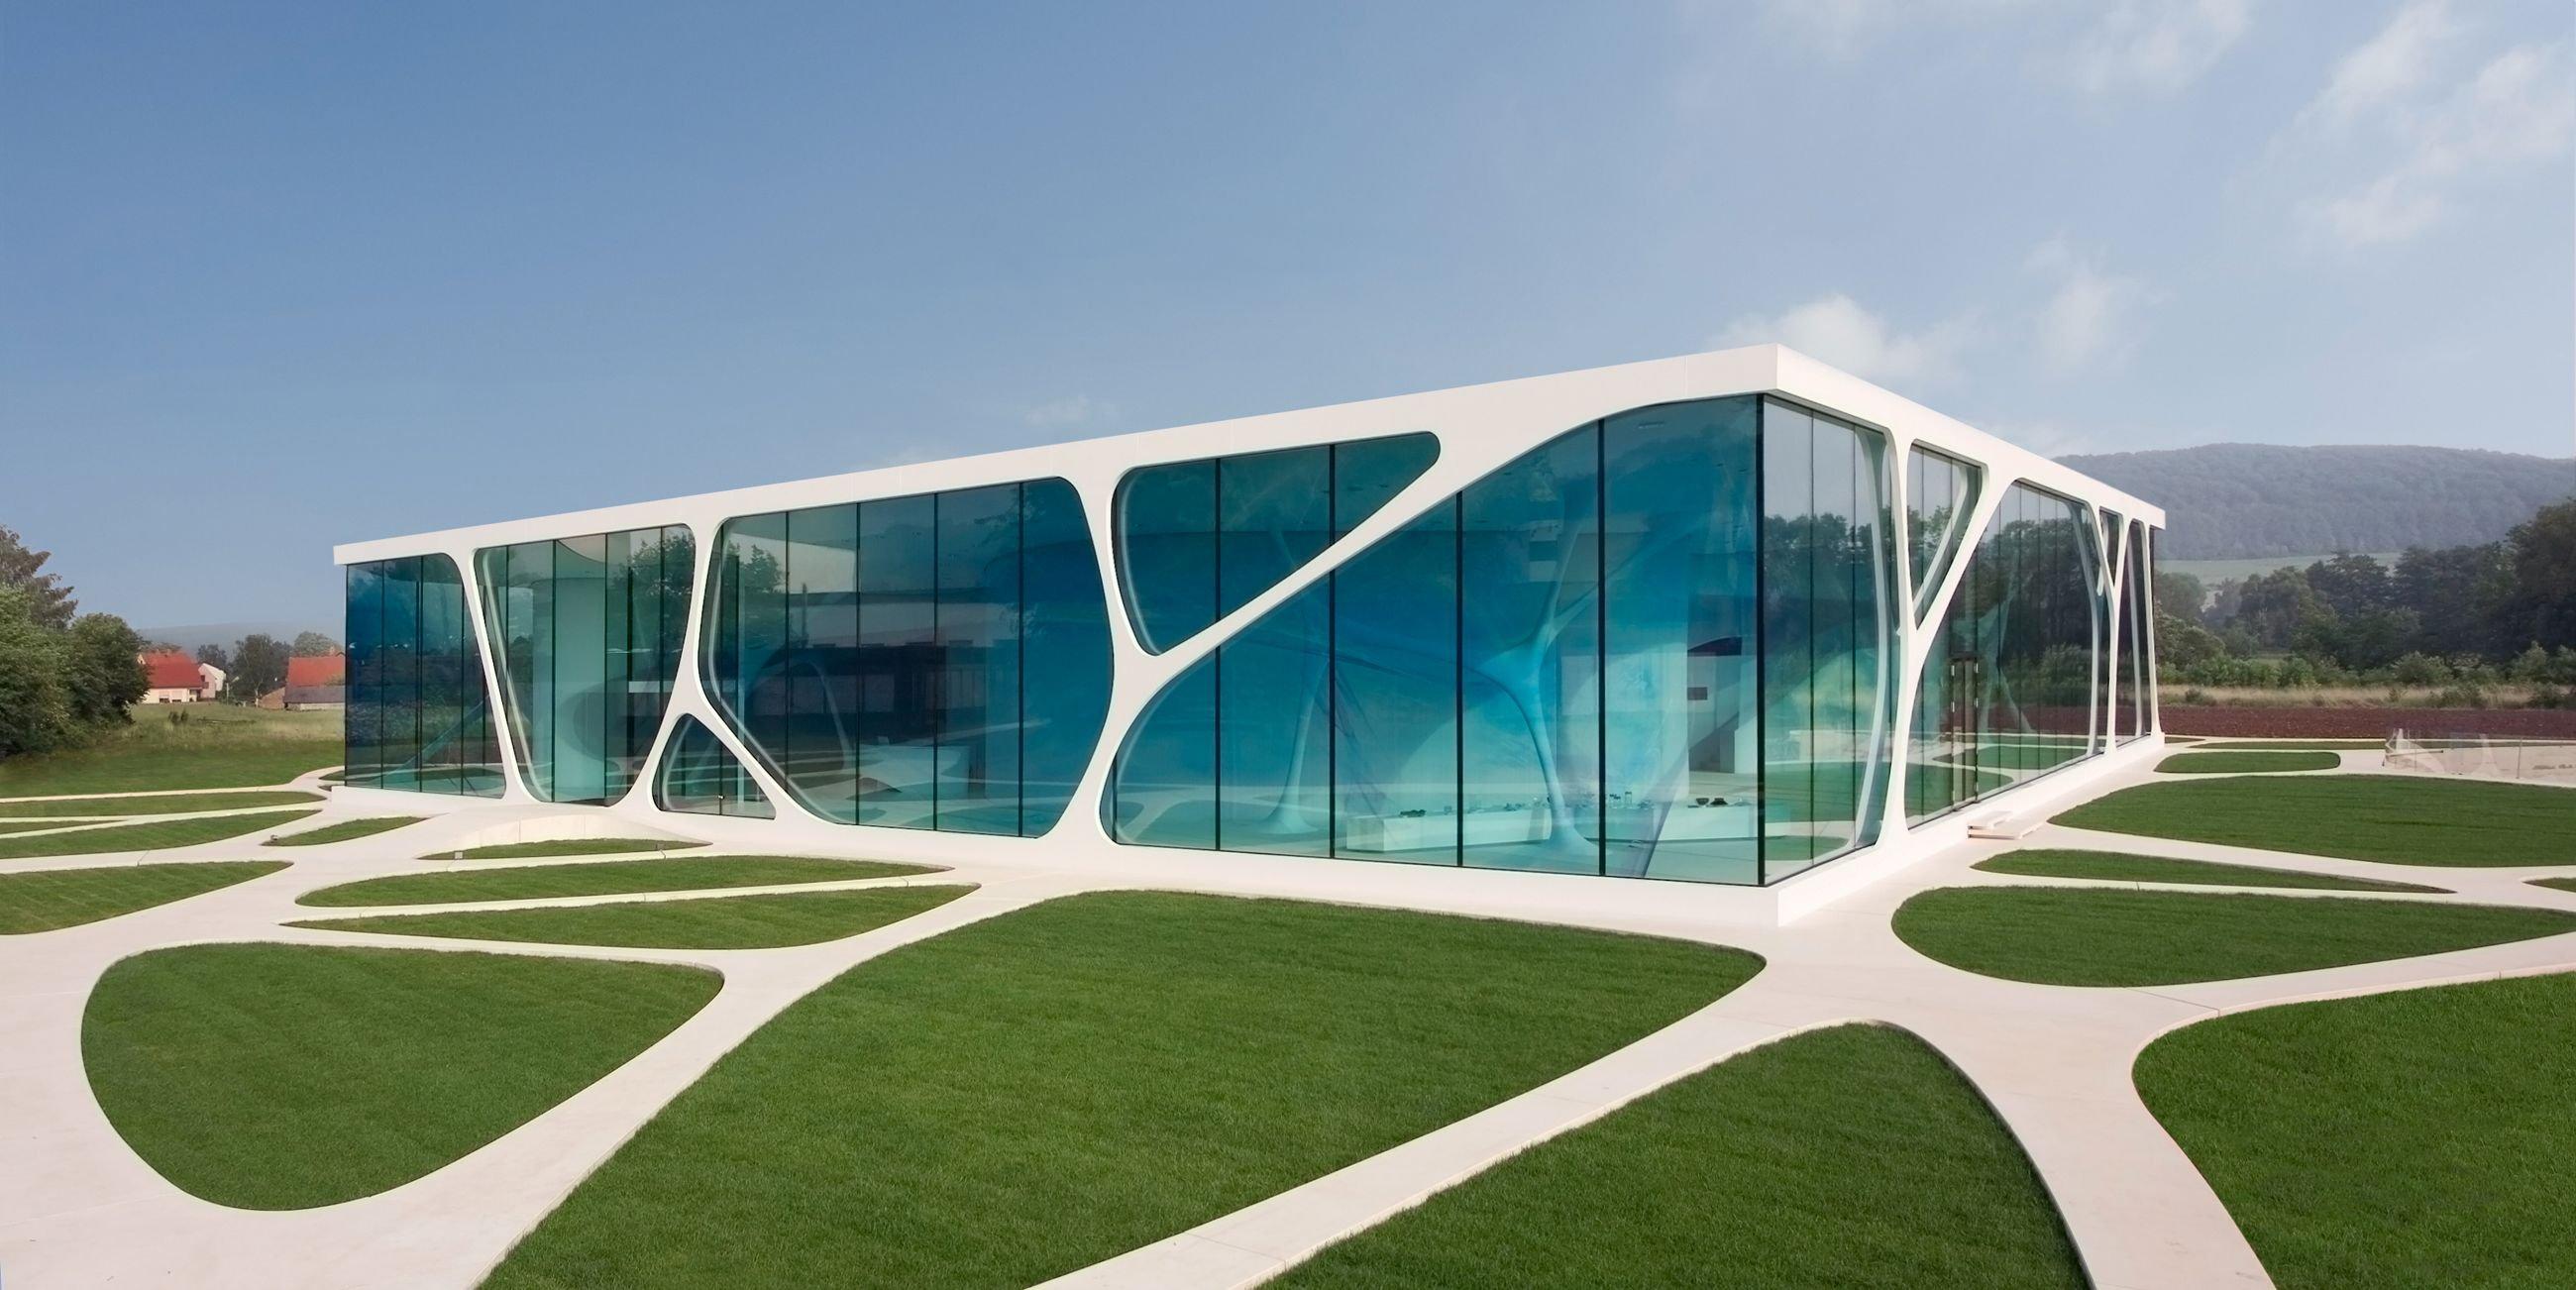 Arquitectura moderna casa cristal wallpaper 2600x1302 for Casa moderna wallpaper